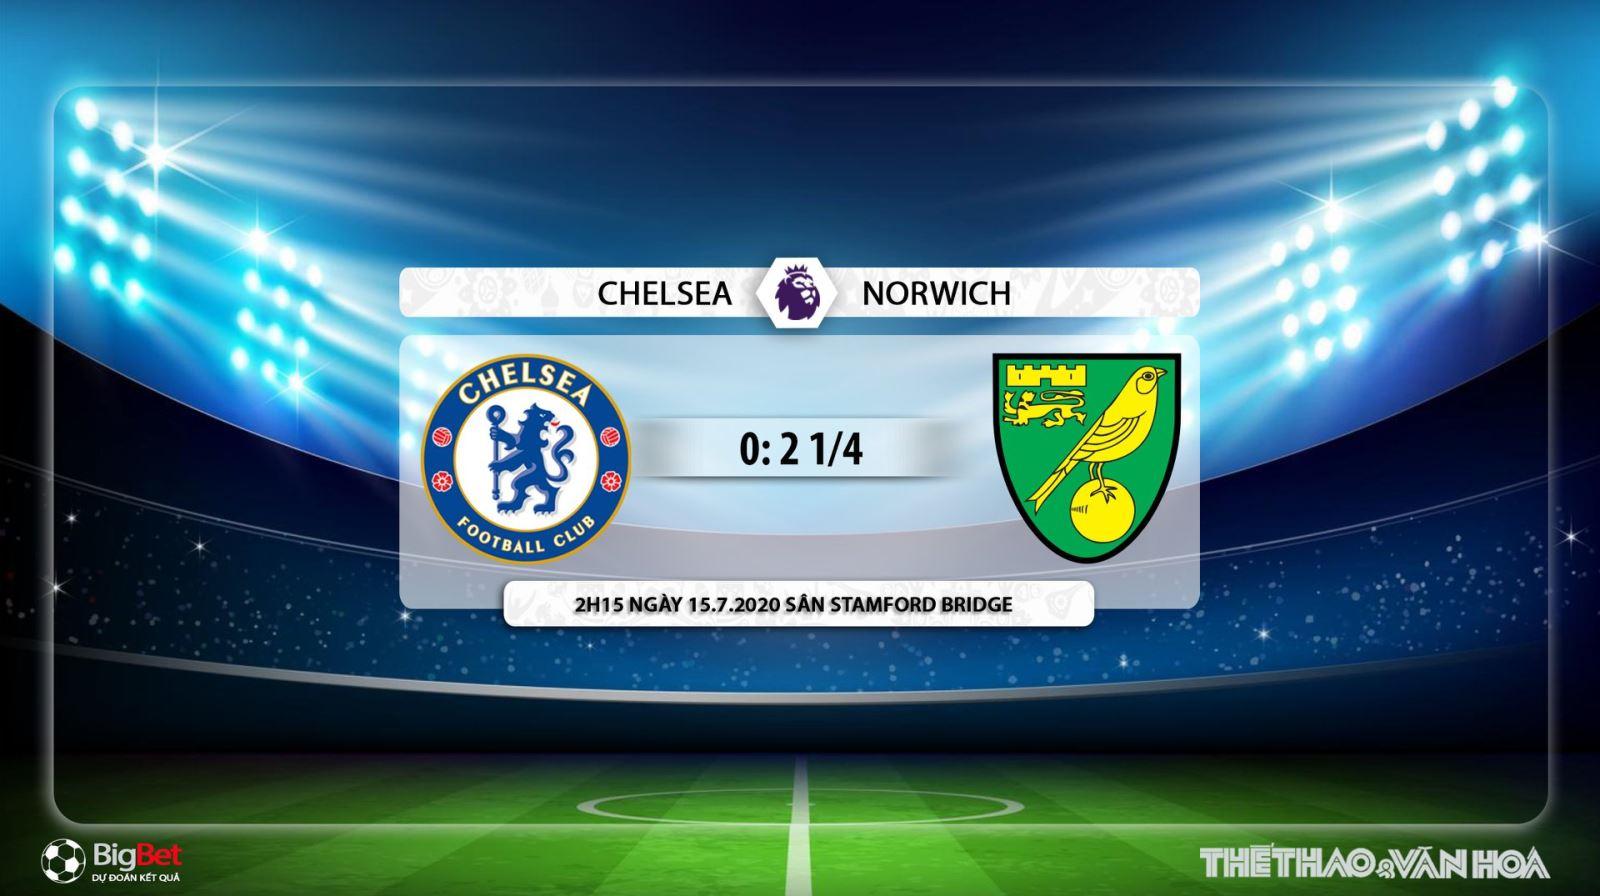 Chelsea vs Norwich, Chelsea, Norwich, trực tiếp bóng đá, bóng đá, trực tiếp, soi kèo, kèo bóng đá, soi kèo Chelsea vs Norwich